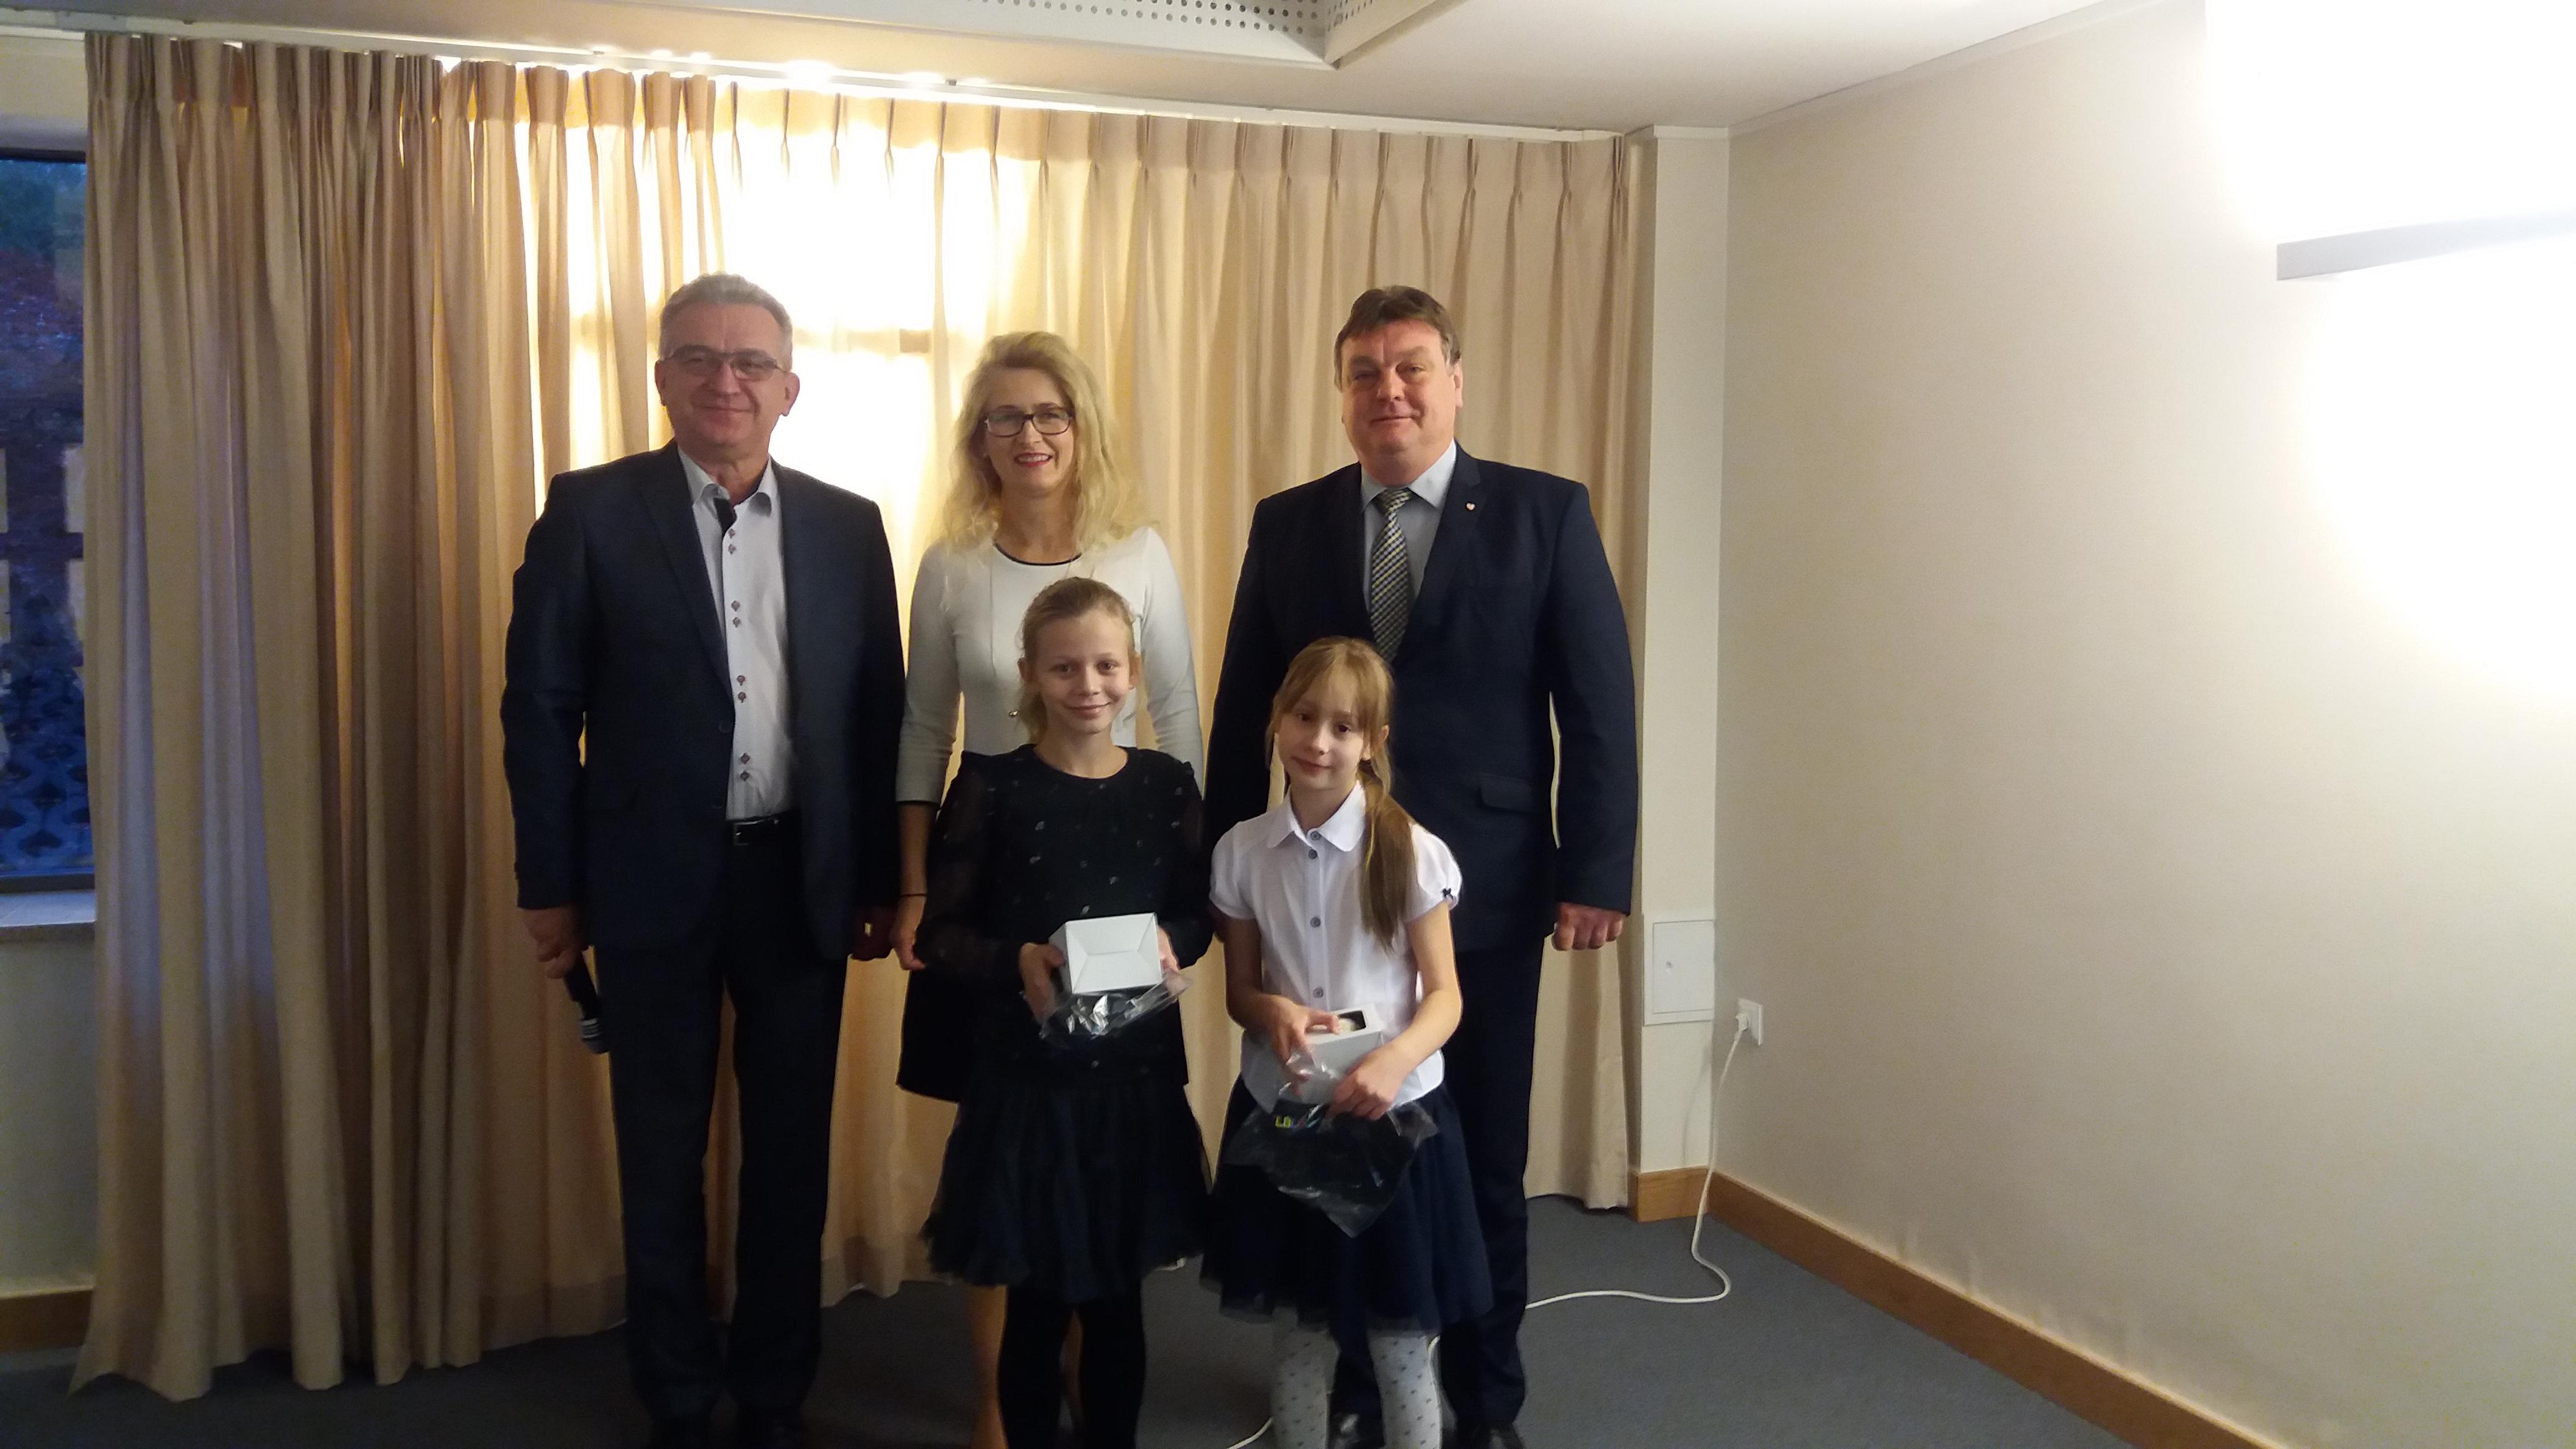 Z wizytą u pana Prezydenta Wróblewskiego.